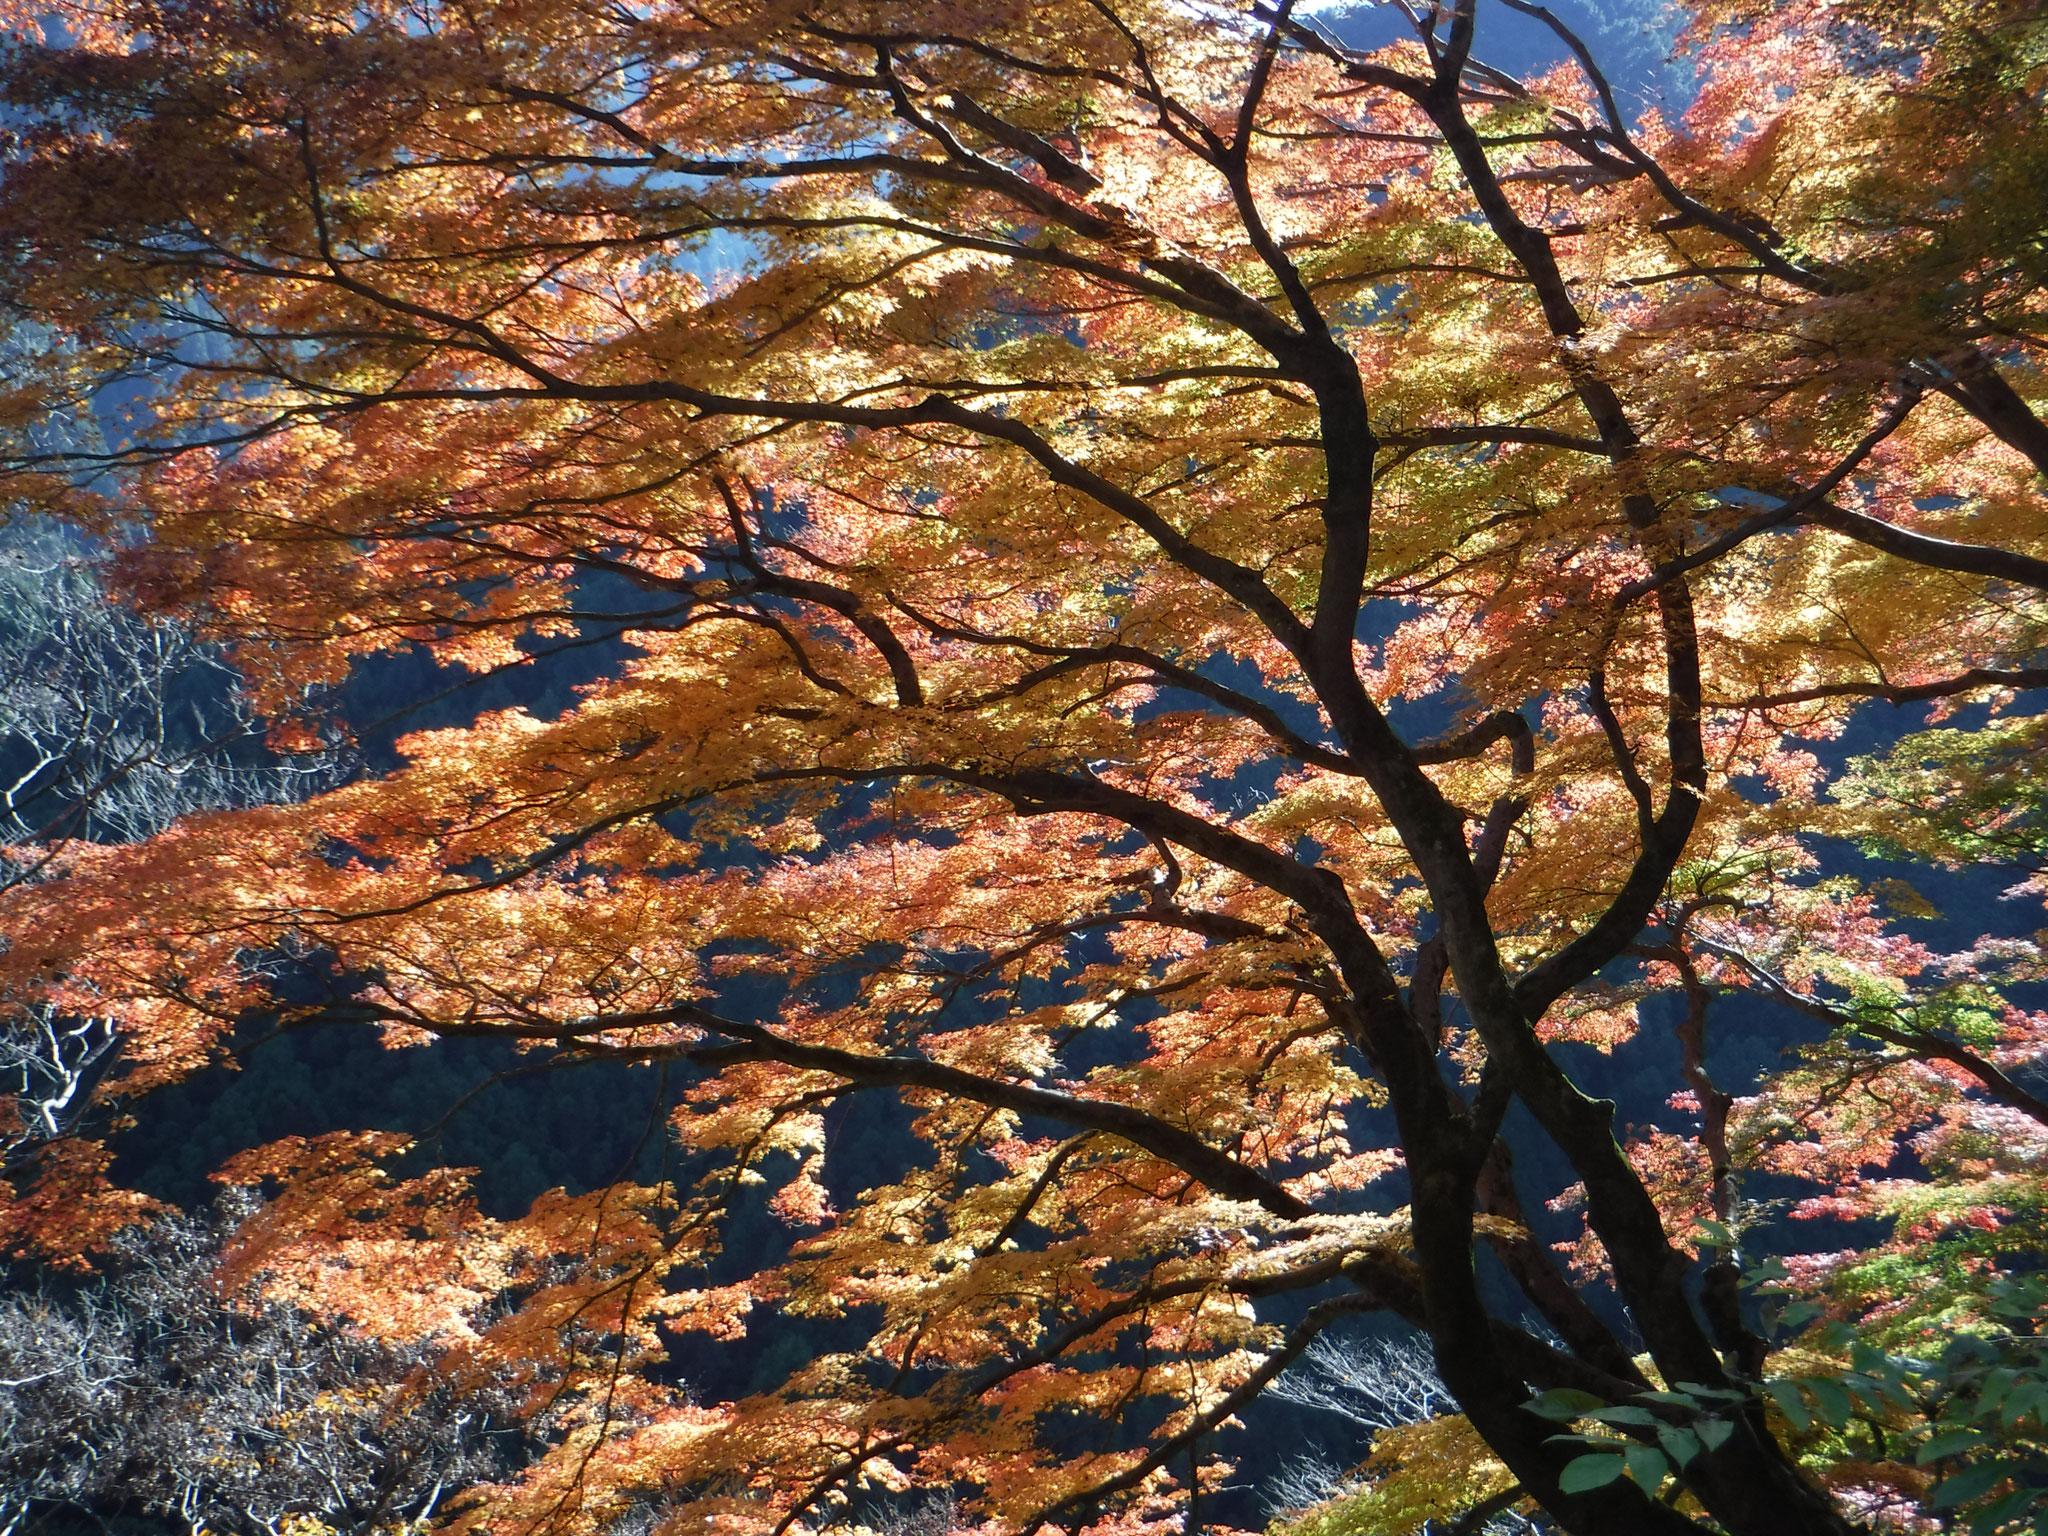 いろは楓、南向きの急斜面に張り出す大木、逆光で美しい。